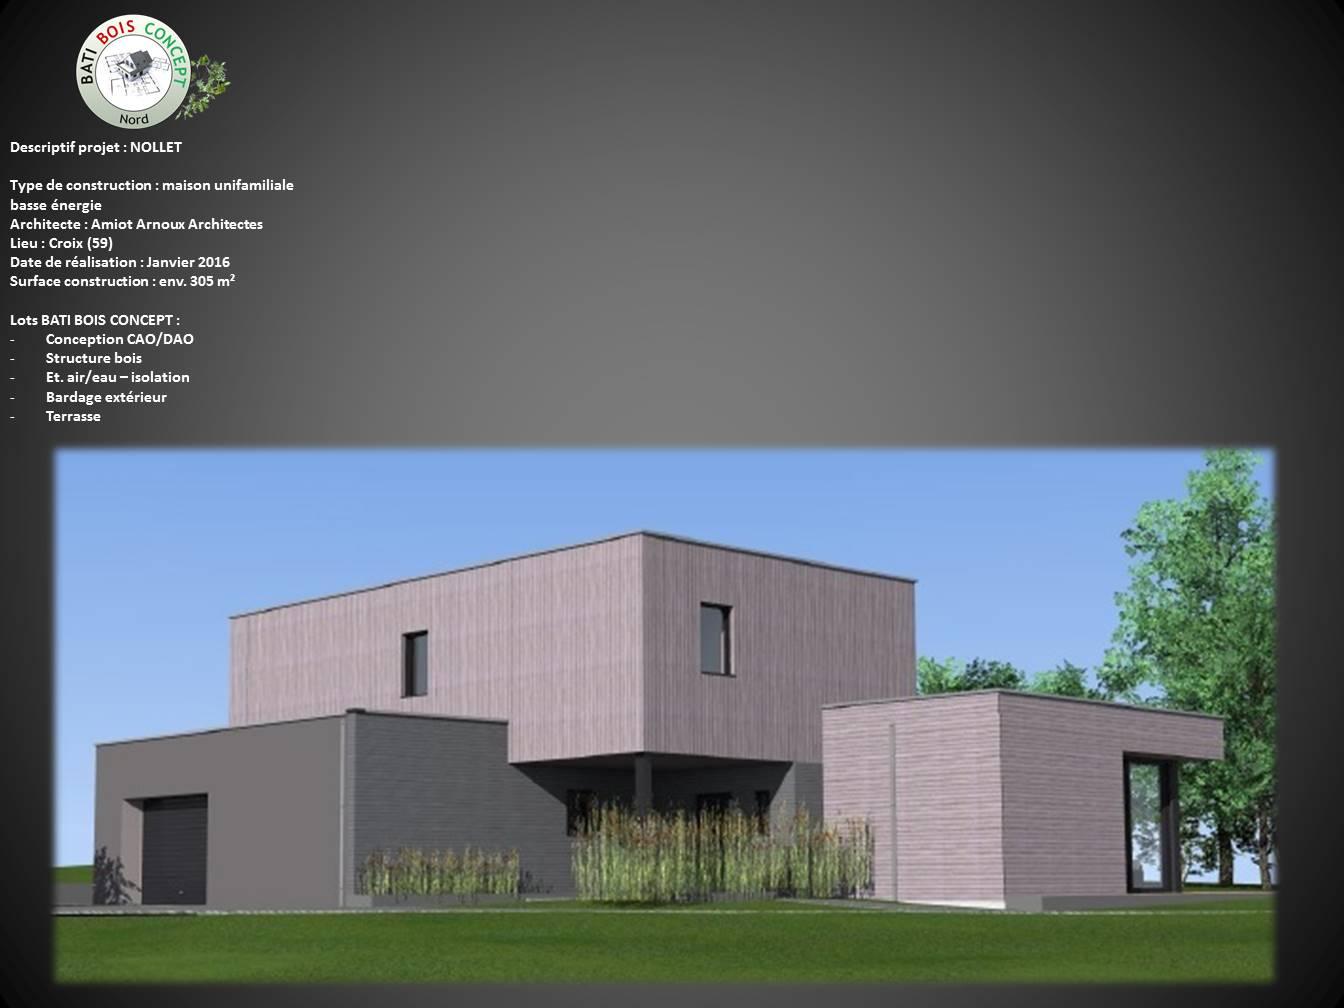 Maison basse énergie  Nord (59)  Croix  Bati Bois  ~ Bois Energie Nord